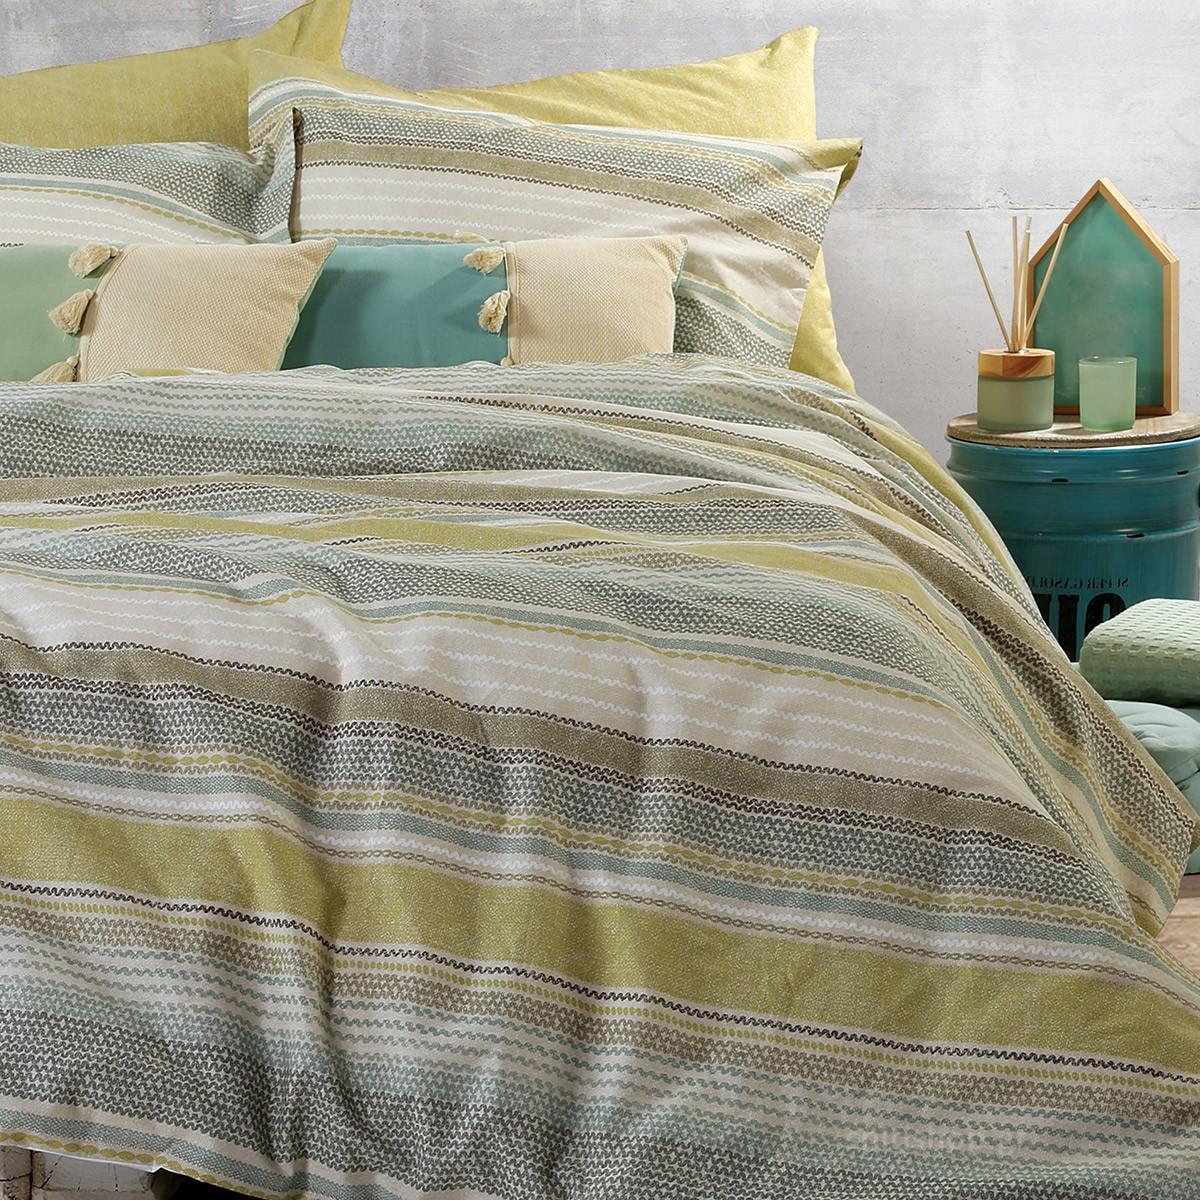 Σεντόνια Υπέρδιπλα (Σετ) Nef-Nef Smart Line Fuente Lime home   κρεβατοκάμαρα   σεντόνια   σεντόνια υπέρδιπλα